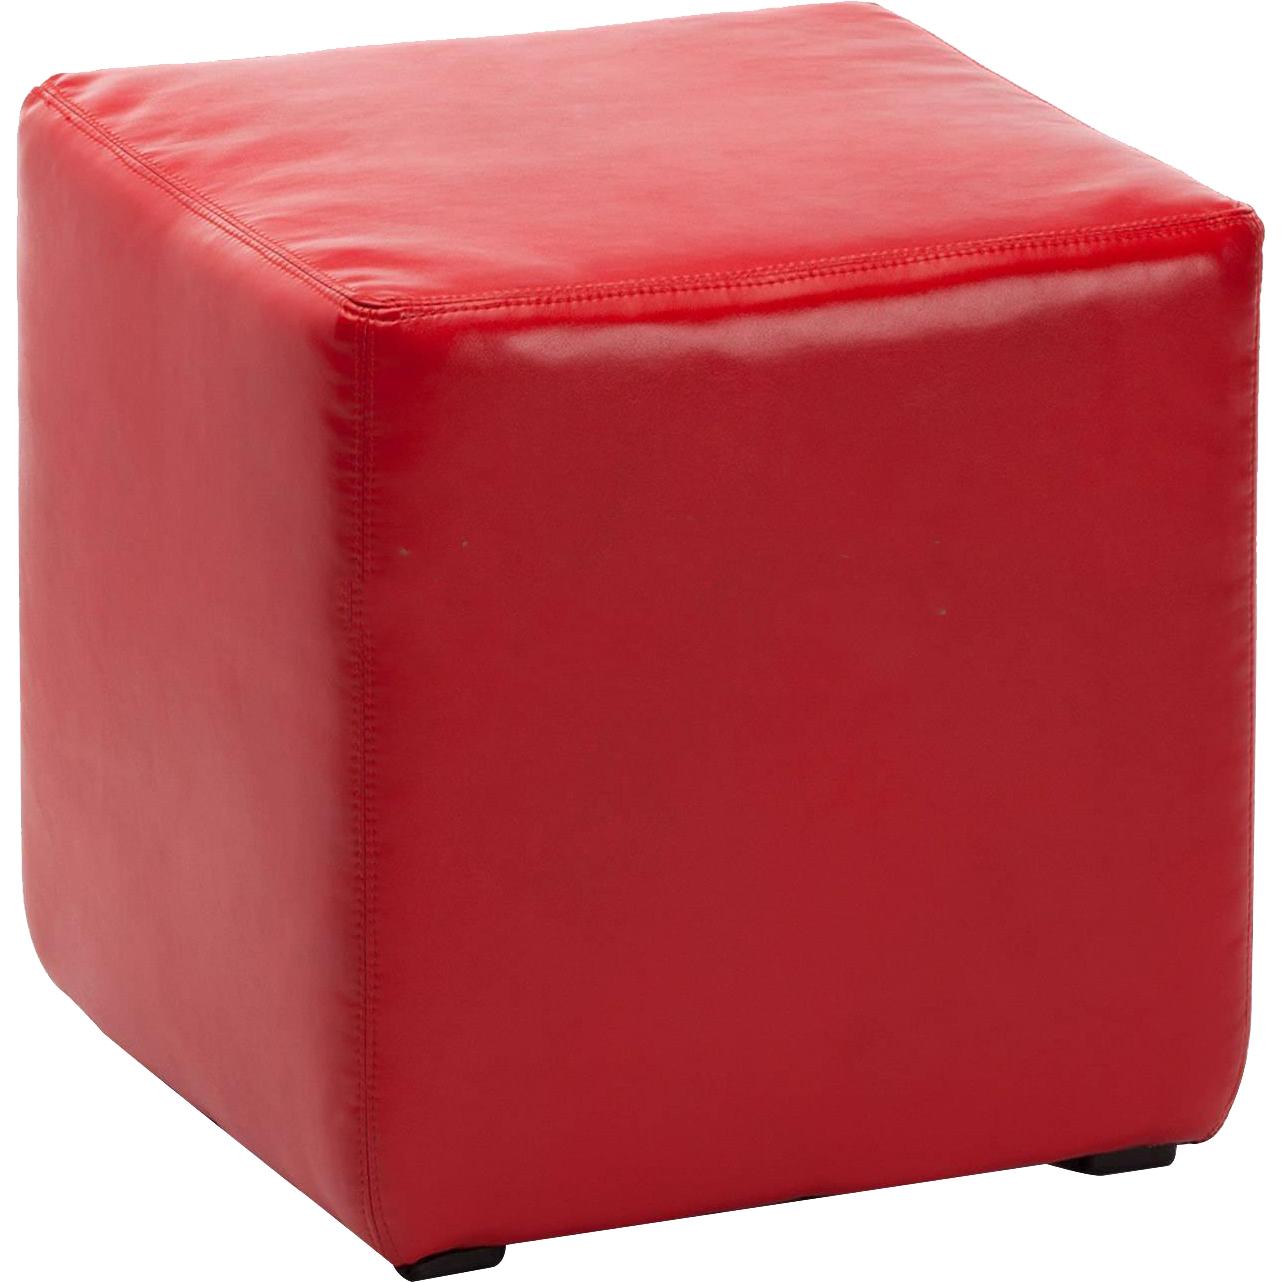 Пуфик Vental пф-4 красный